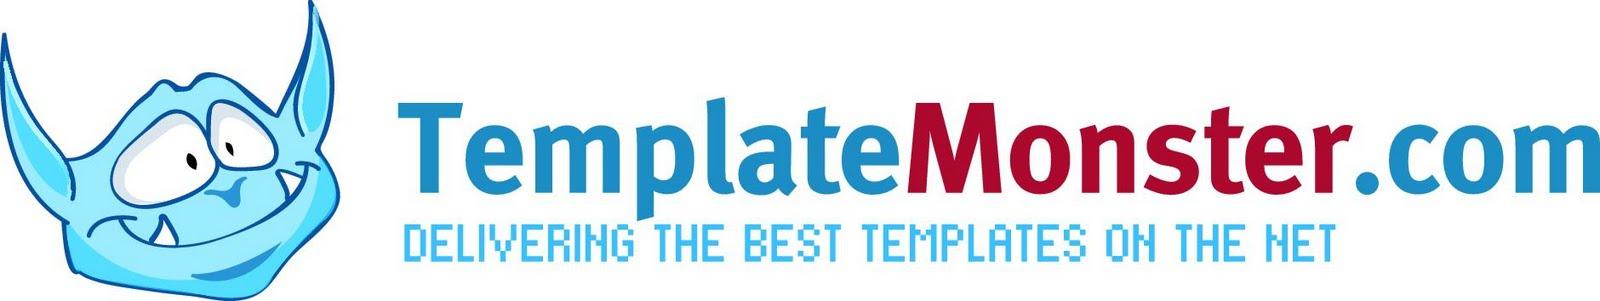 Template_Monster